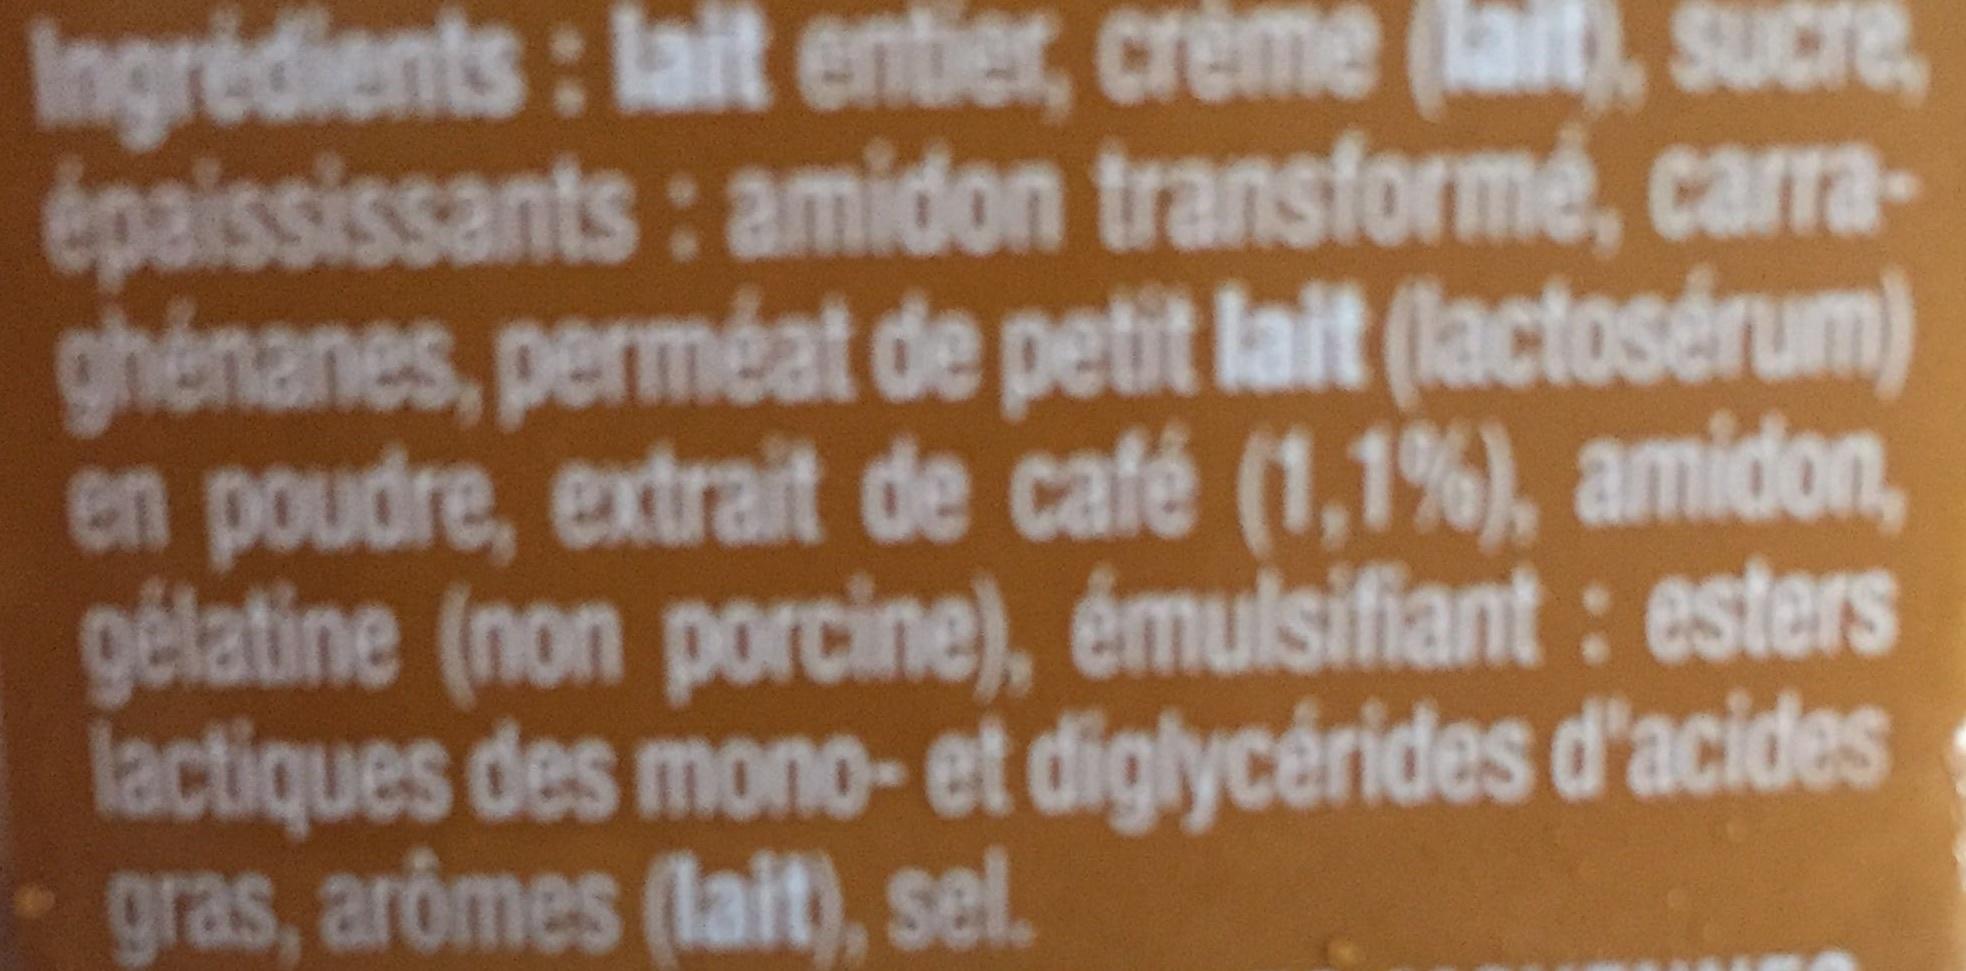 Danette (le Liégeois Café) 4 Pots - Ingrediënten - fr